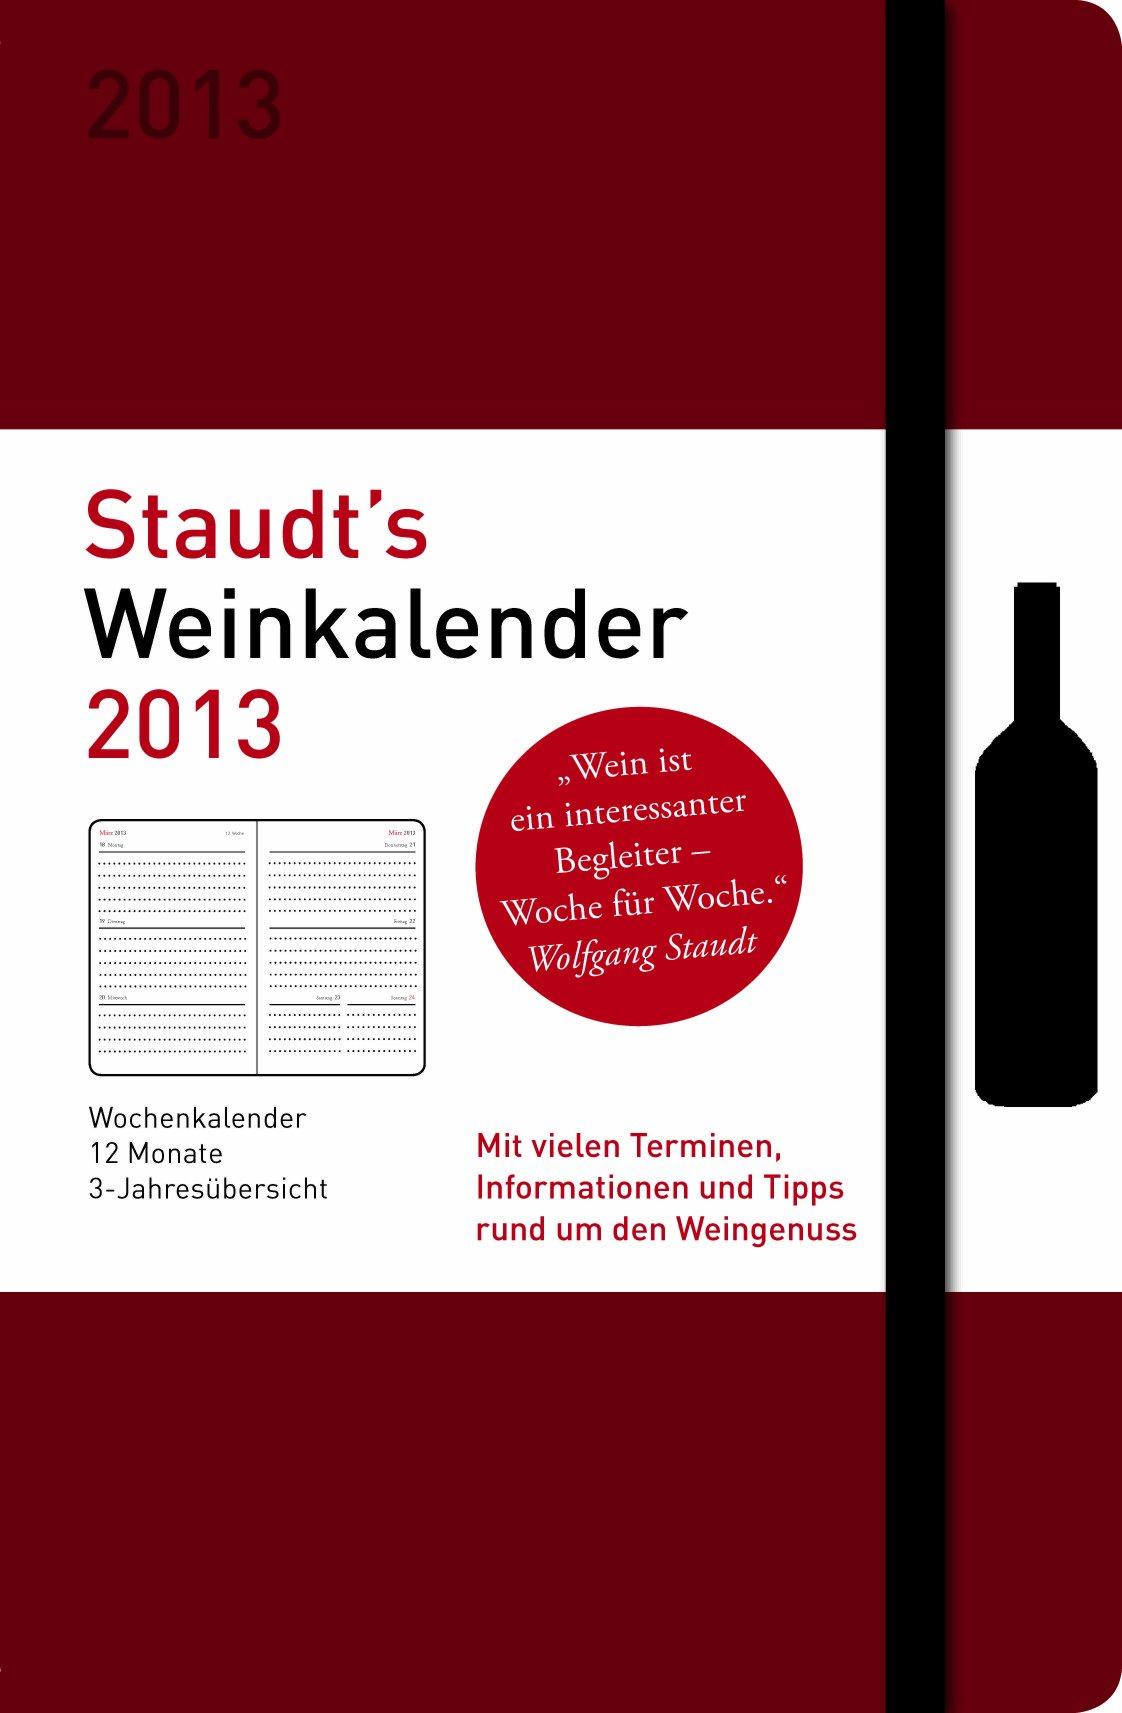 Staudt's Weinkalender 2013